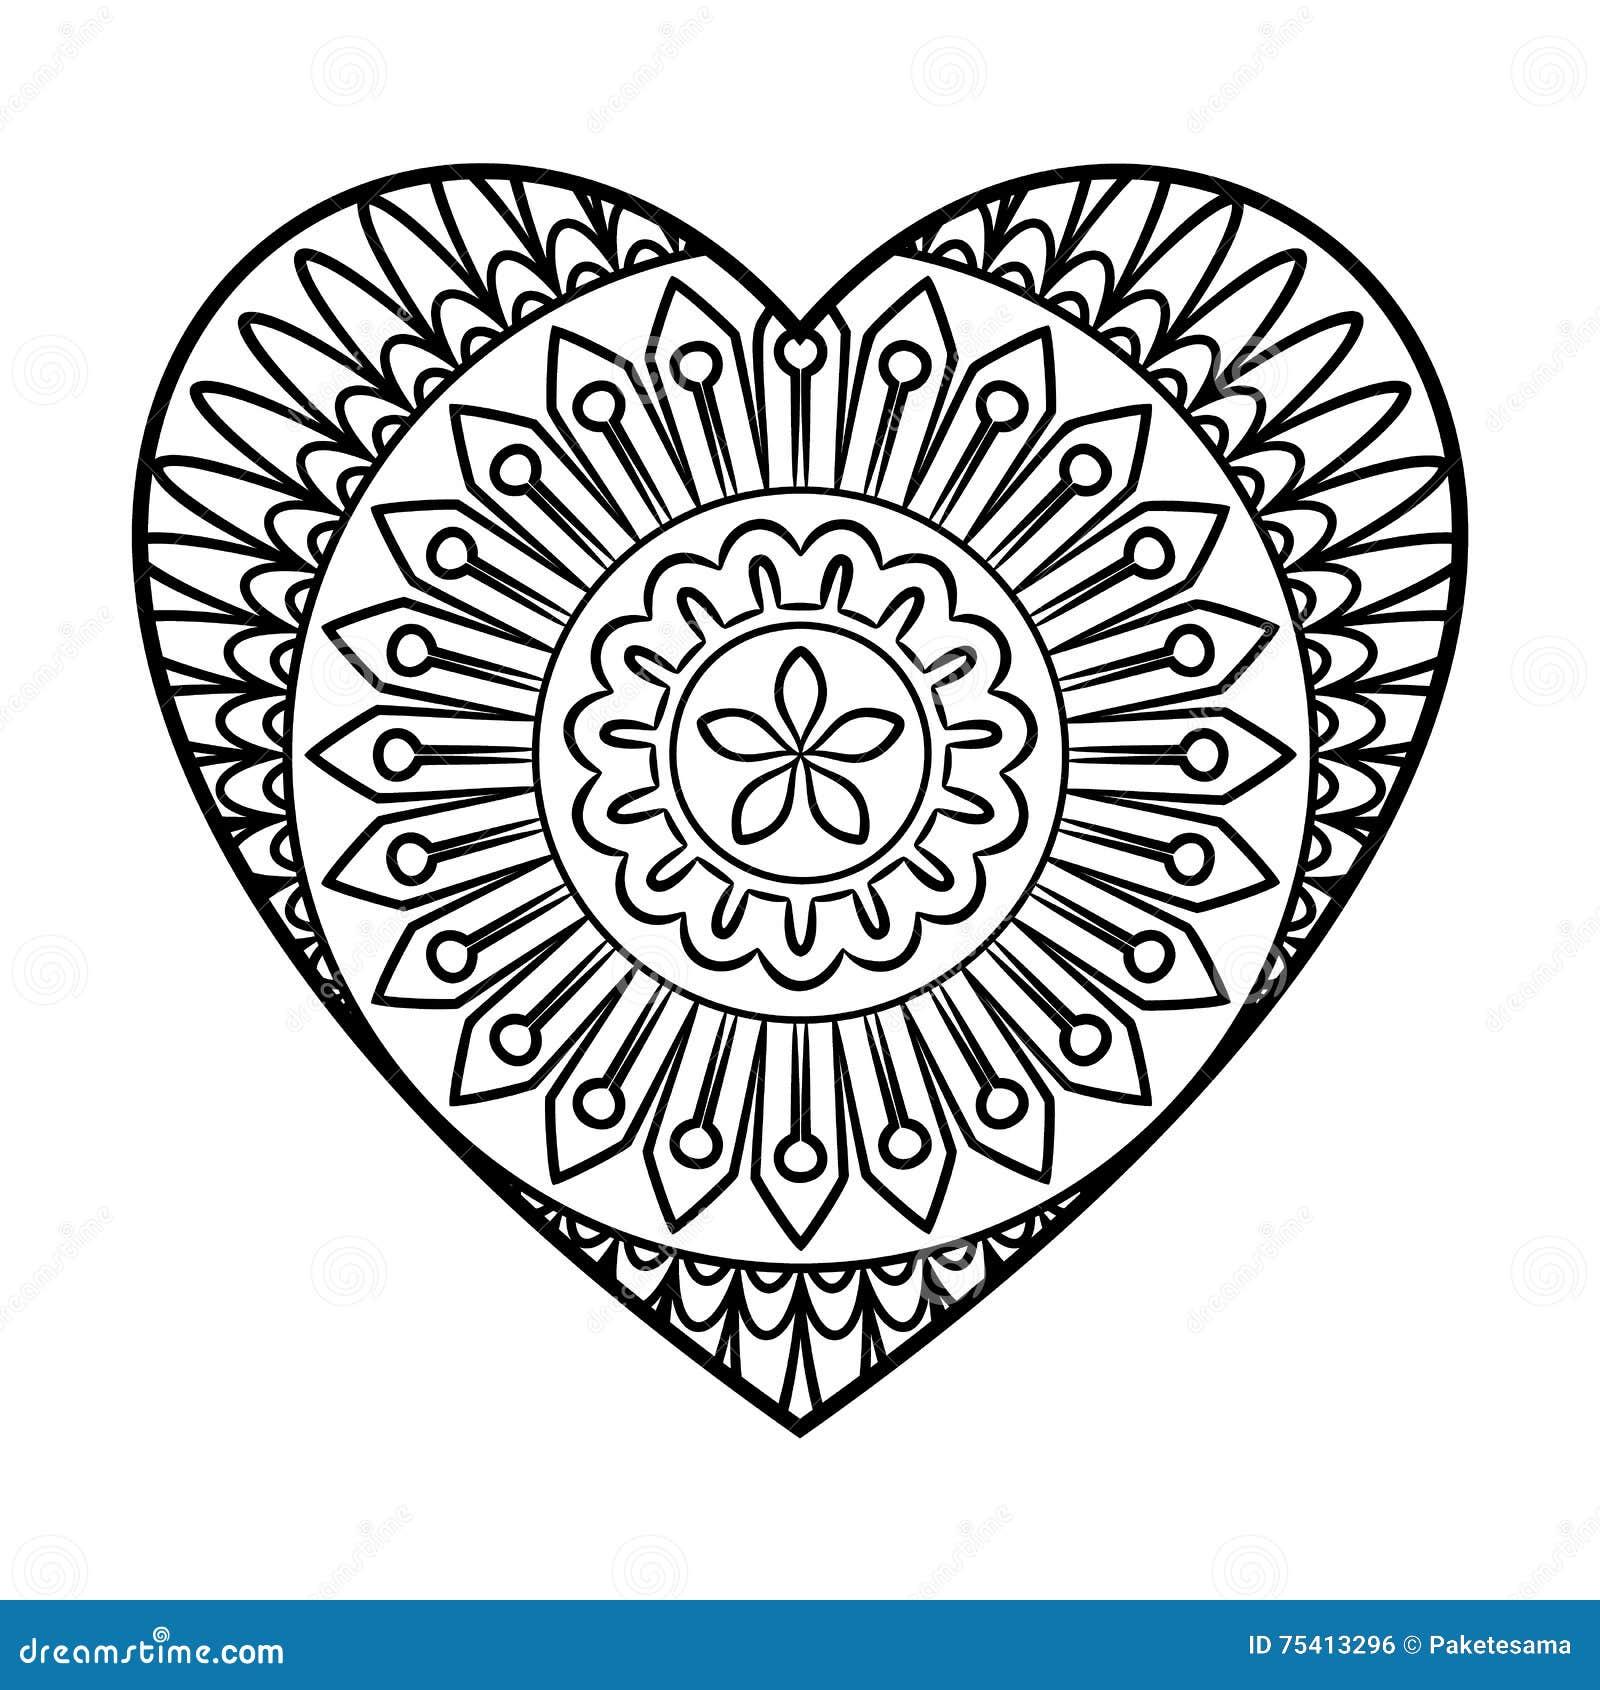 doodle heart mandala stock vector illustration of flower 75413296. Black Bedroom Furniture Sets. Home Design Ideas